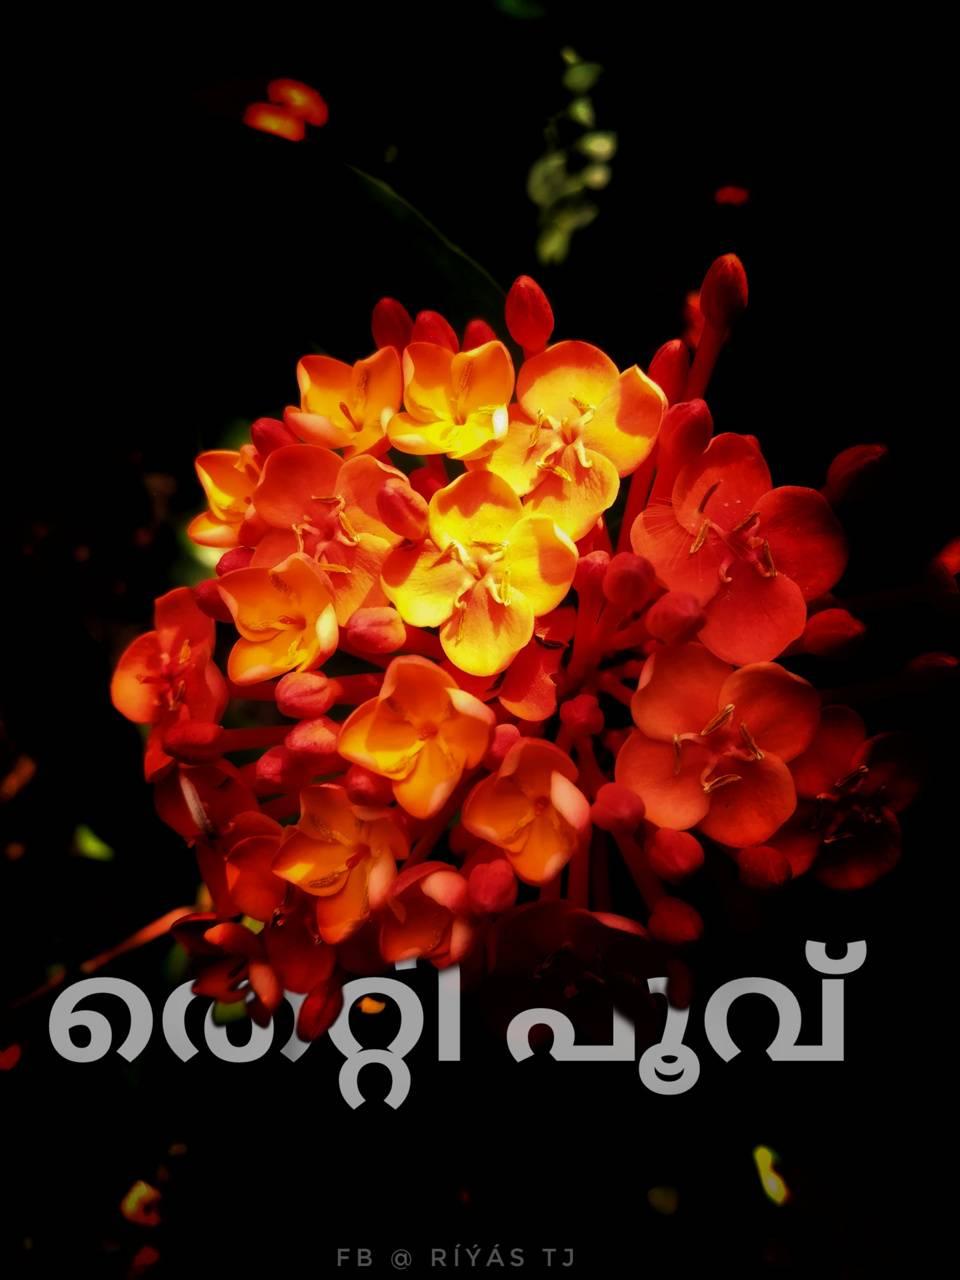 Riyastjphotography